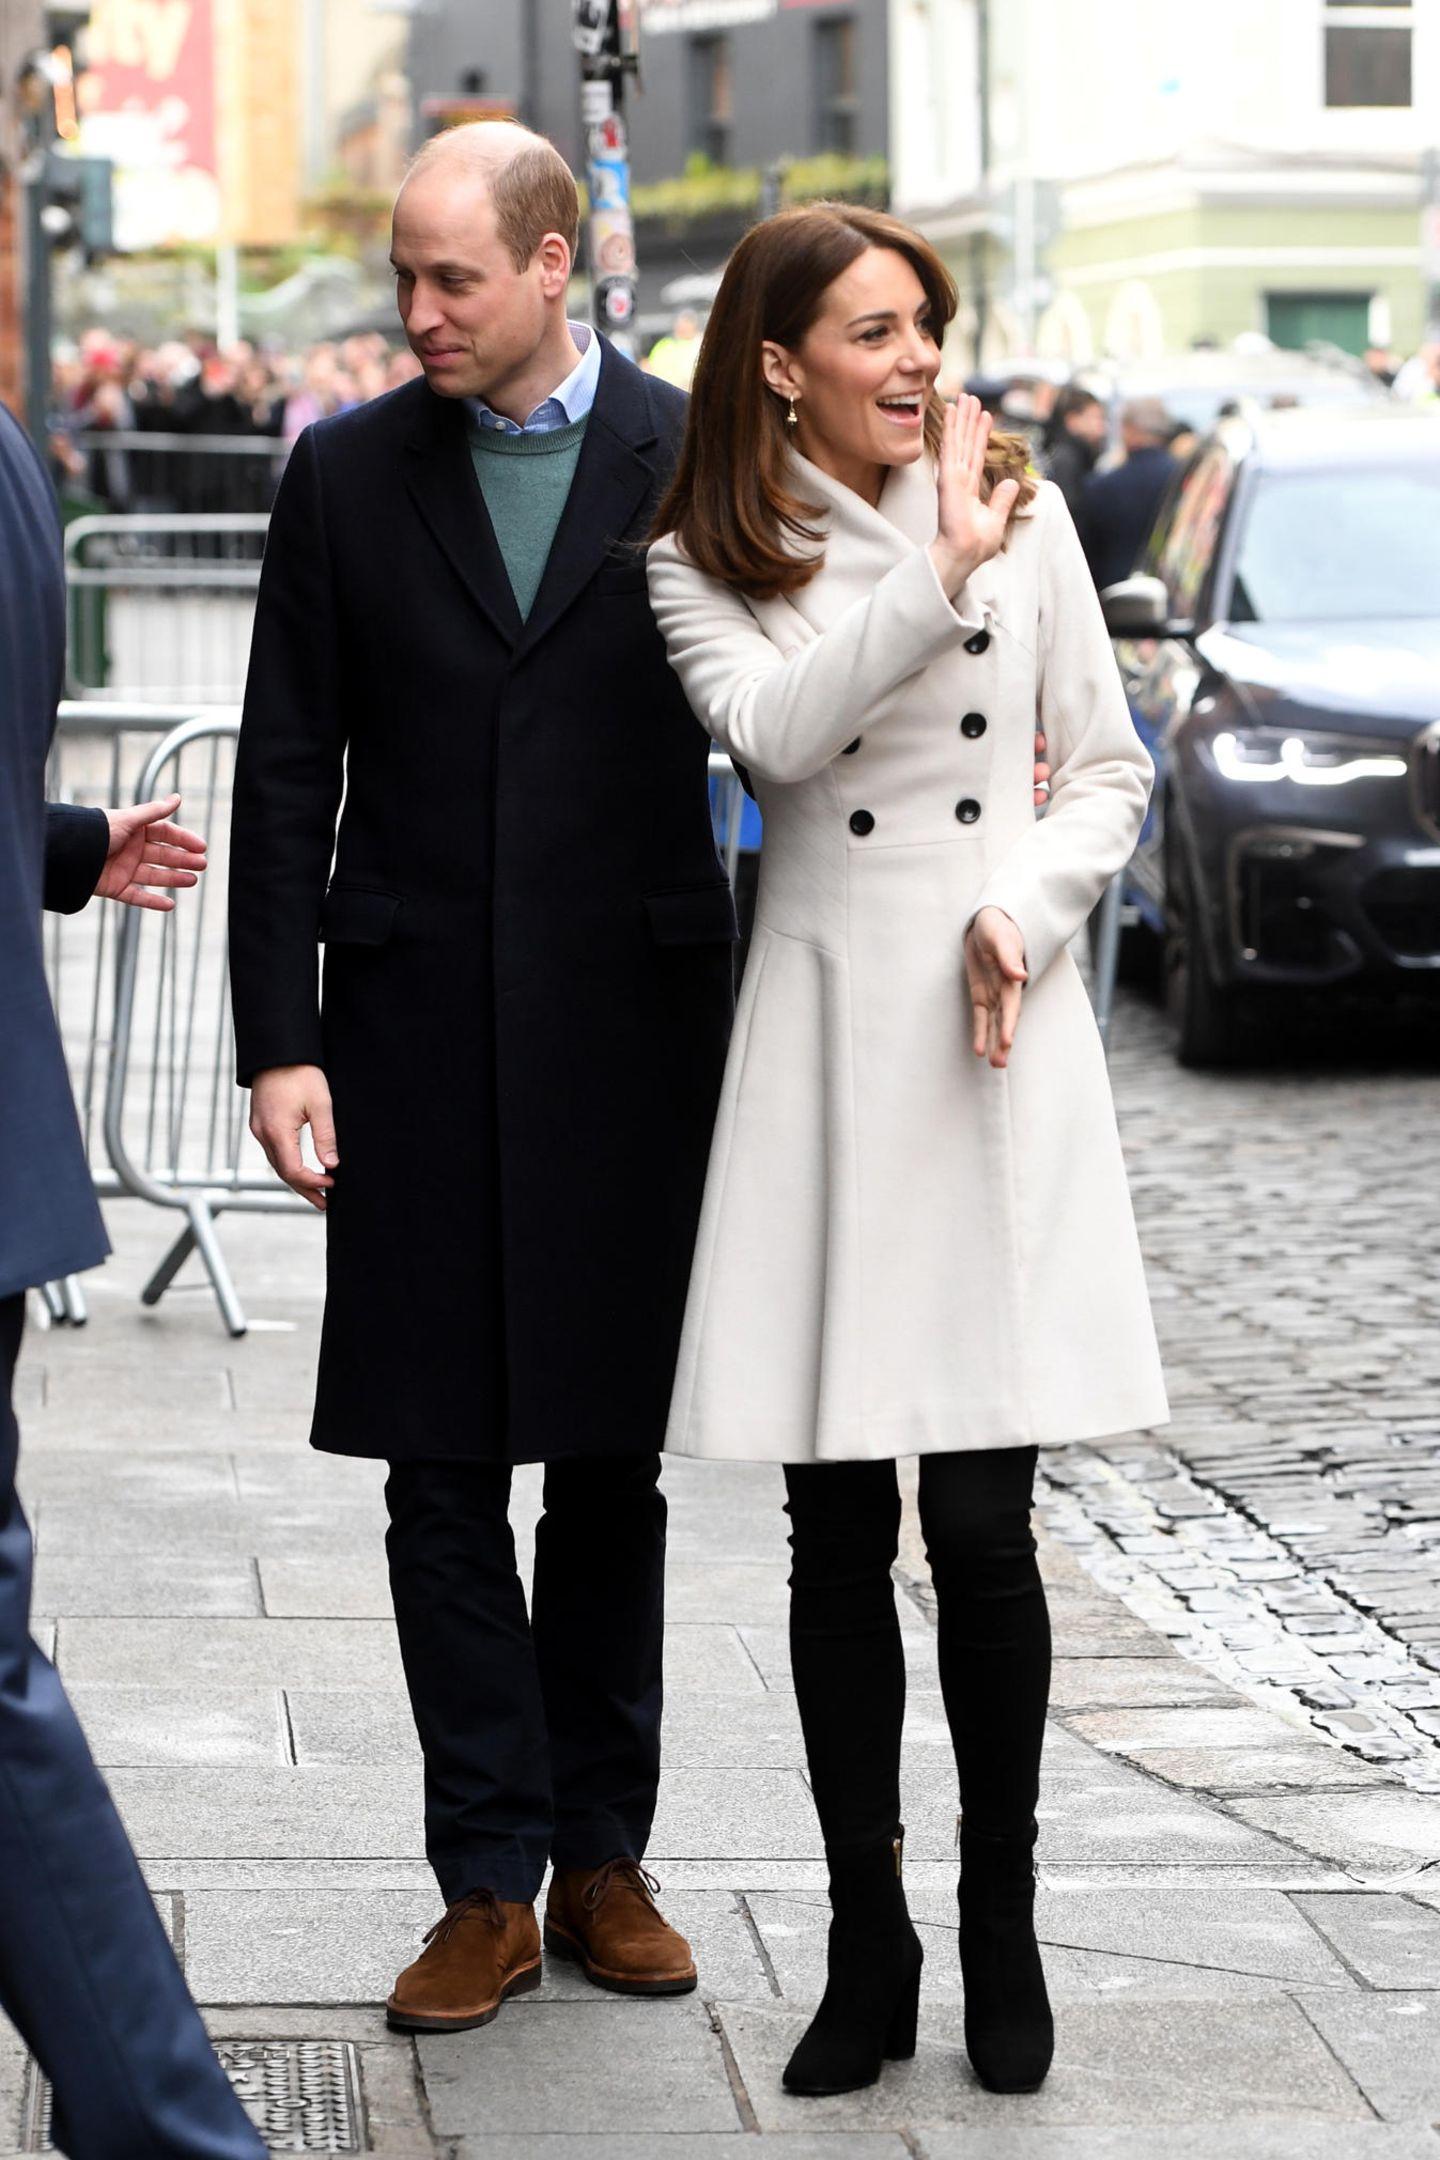 Ihr Look ist eine absolute Punktlandung! Sie trägt einen cremefarbenen Mantel von Reiss, in dem wir sie schon vor ihrer Hochzeit mit Prinz William gesehen haben. Er hängt also seit mindestens 10 Jahren im Kleiderschrank der Dreifach-Mama. Dazu kombiniert sie eine schwarze Jeans von Zara.